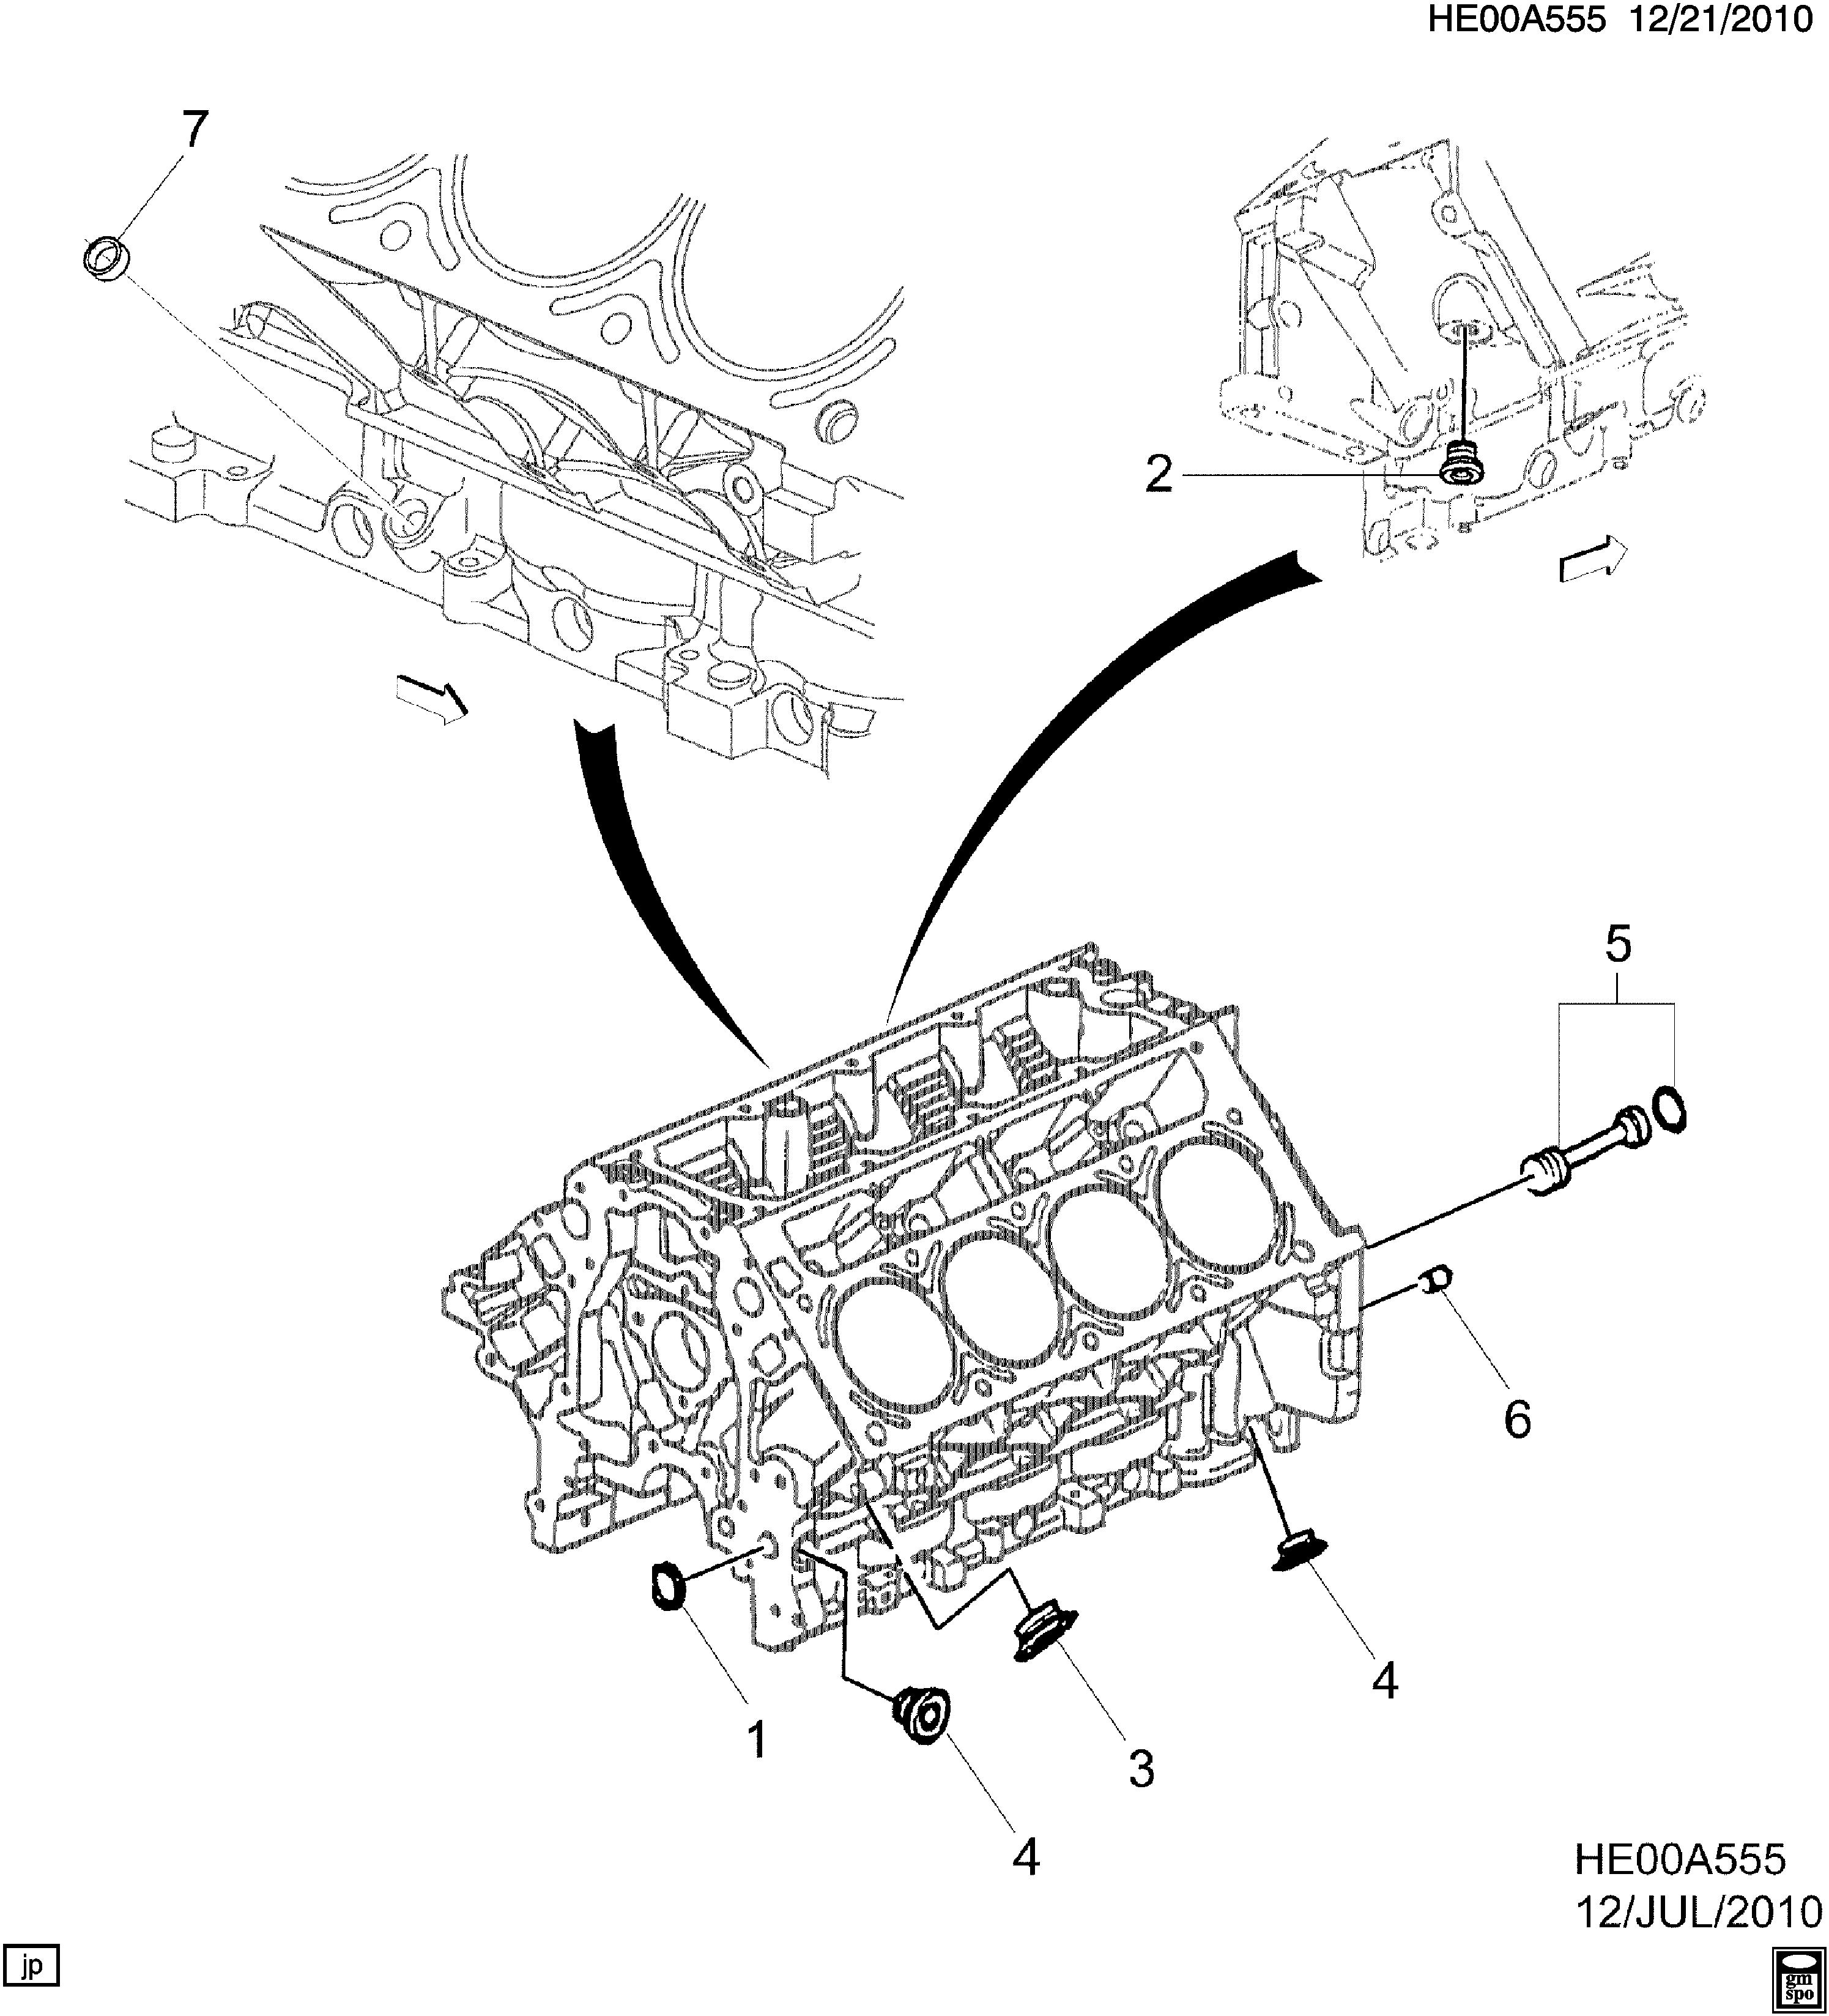 [DIAGRAM_38DE]  500F5 L76 Engine Diagram | Digital Resources | L76 Engine Diagram |  | Digital Resources